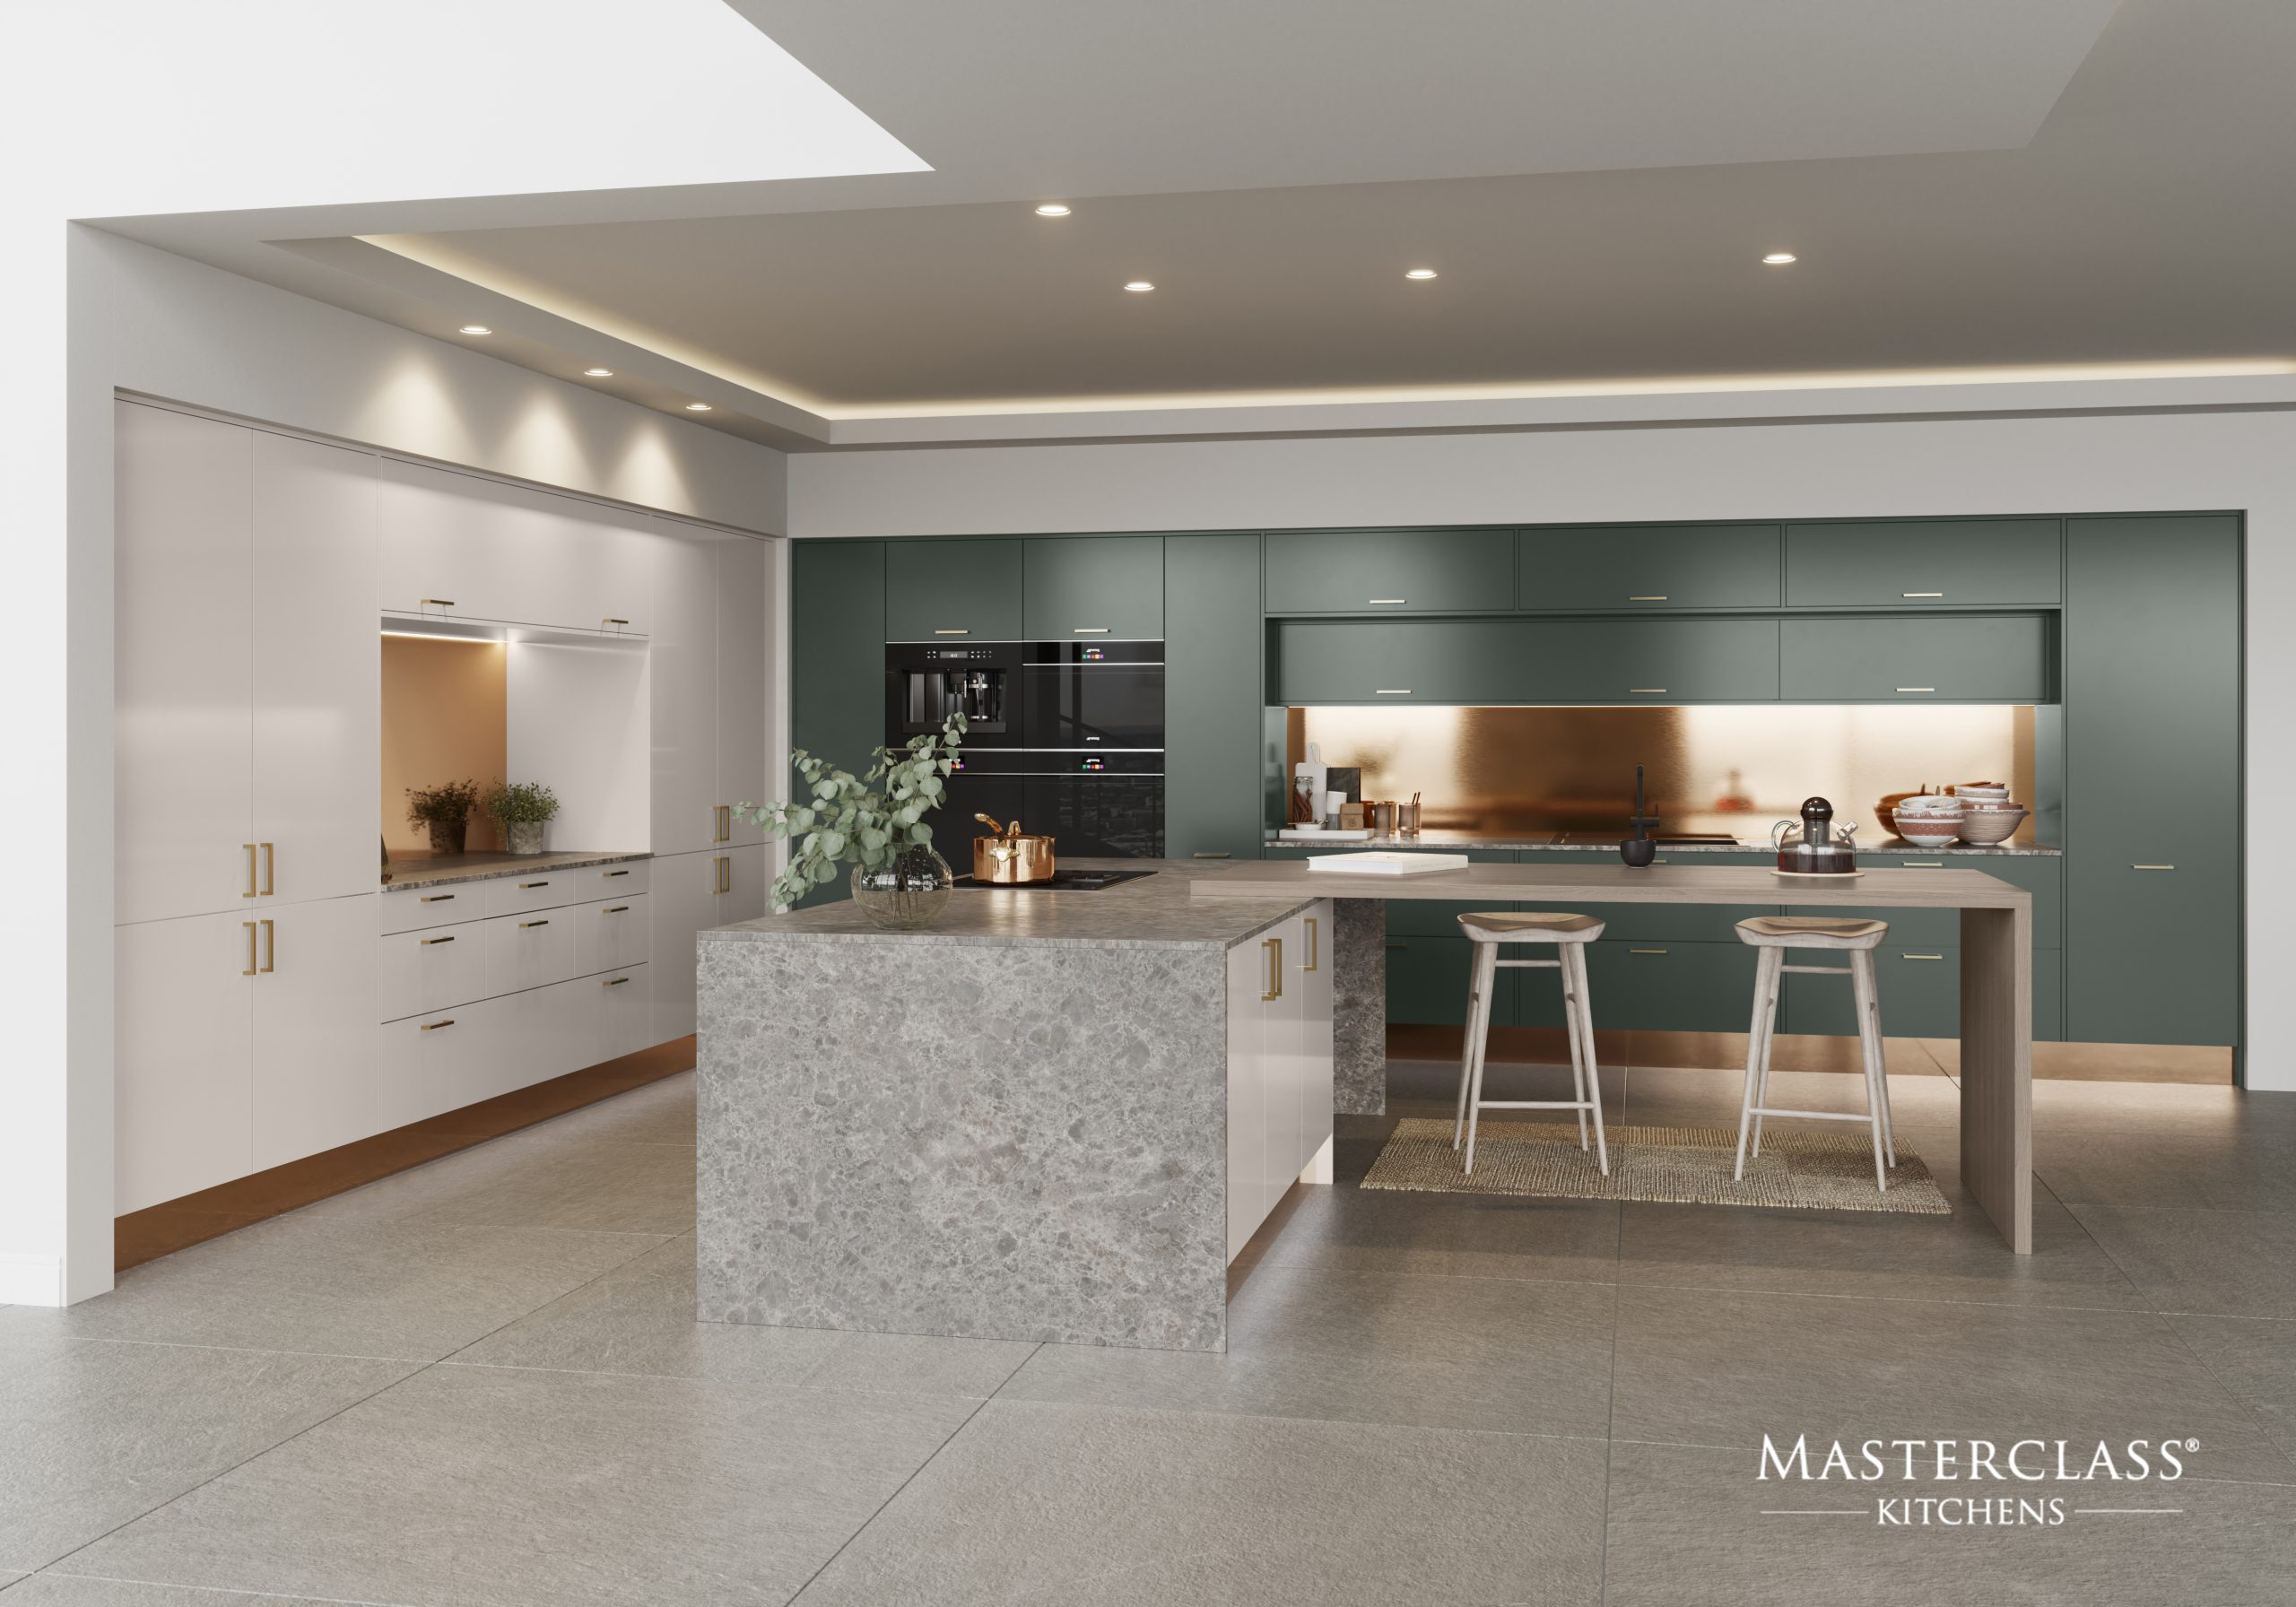 Product kitchen Enhancement